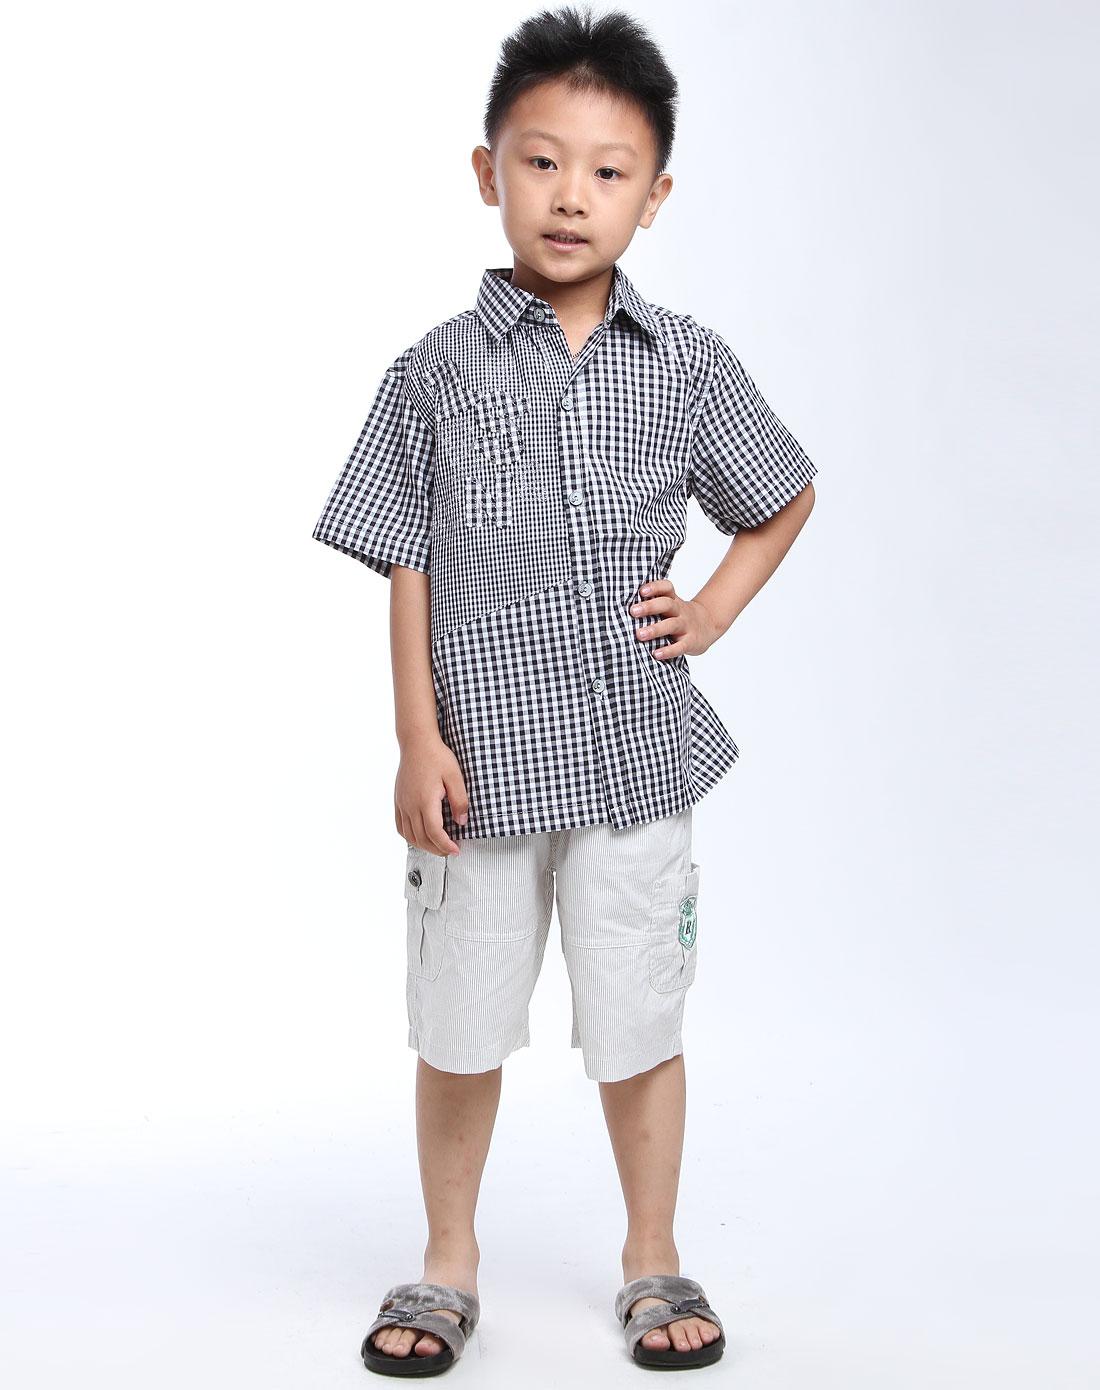 男童黑色/白色短袖衬衫